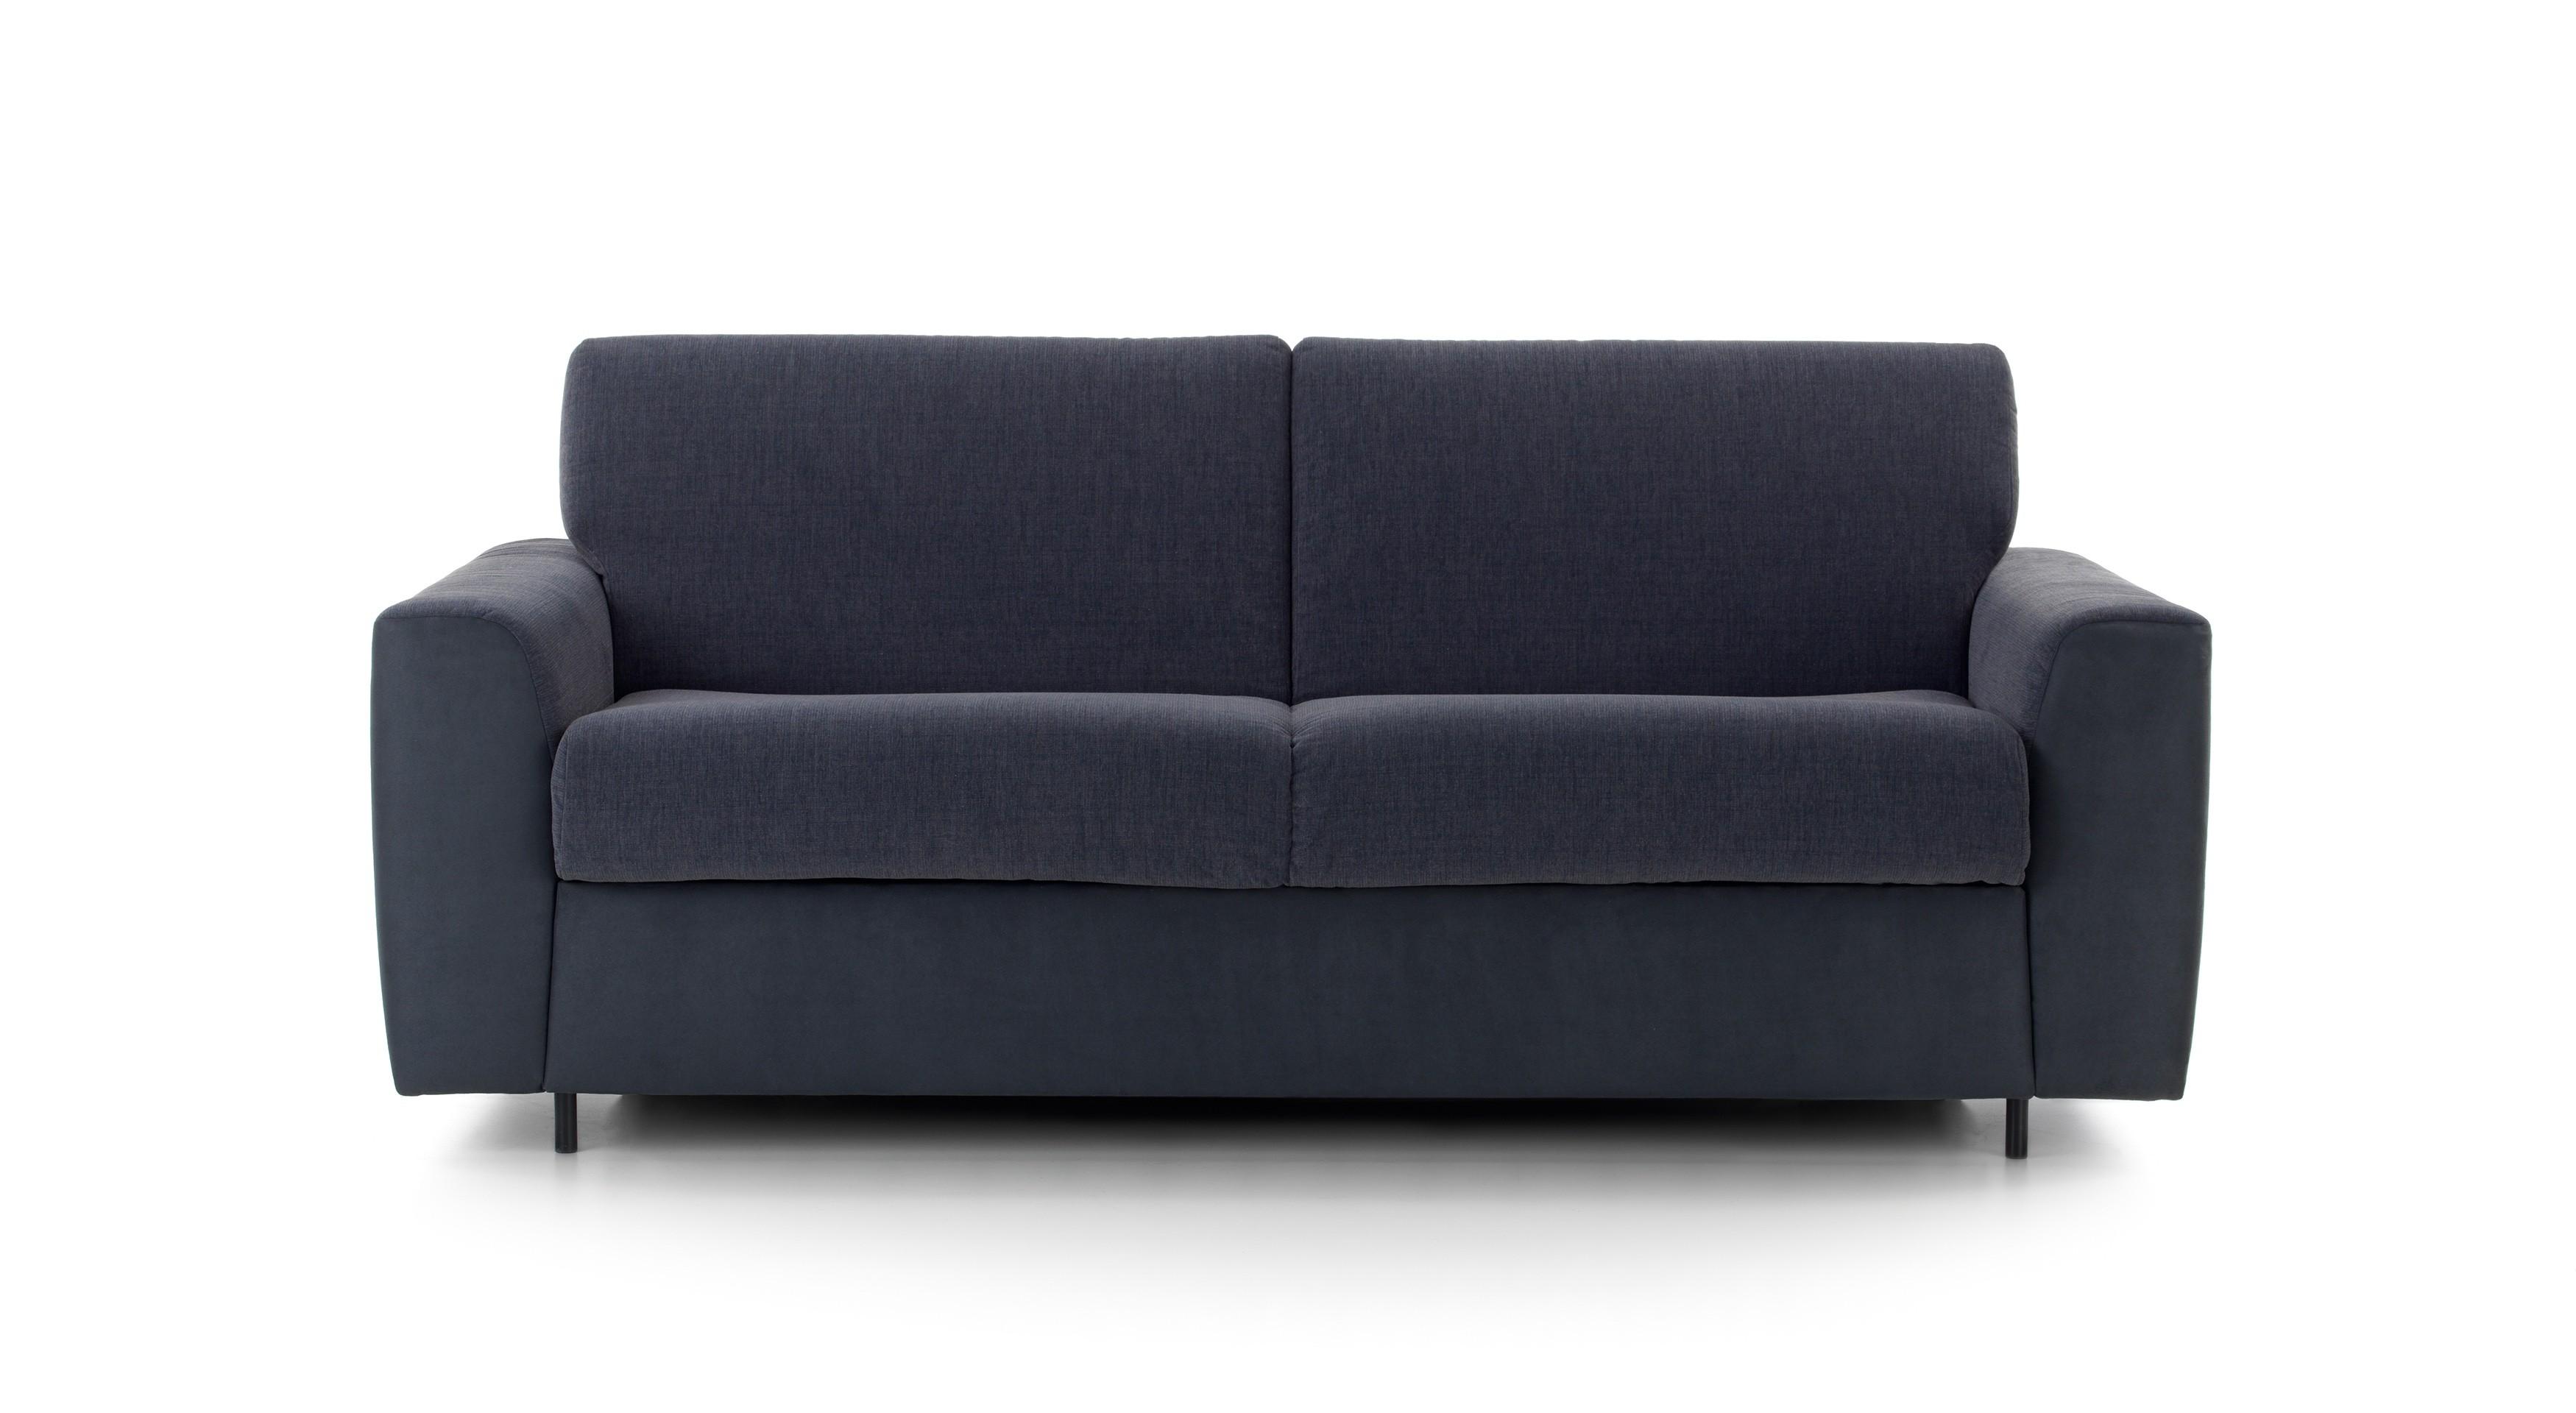 Avior Sofa Bed   Rom   Made in Belgium